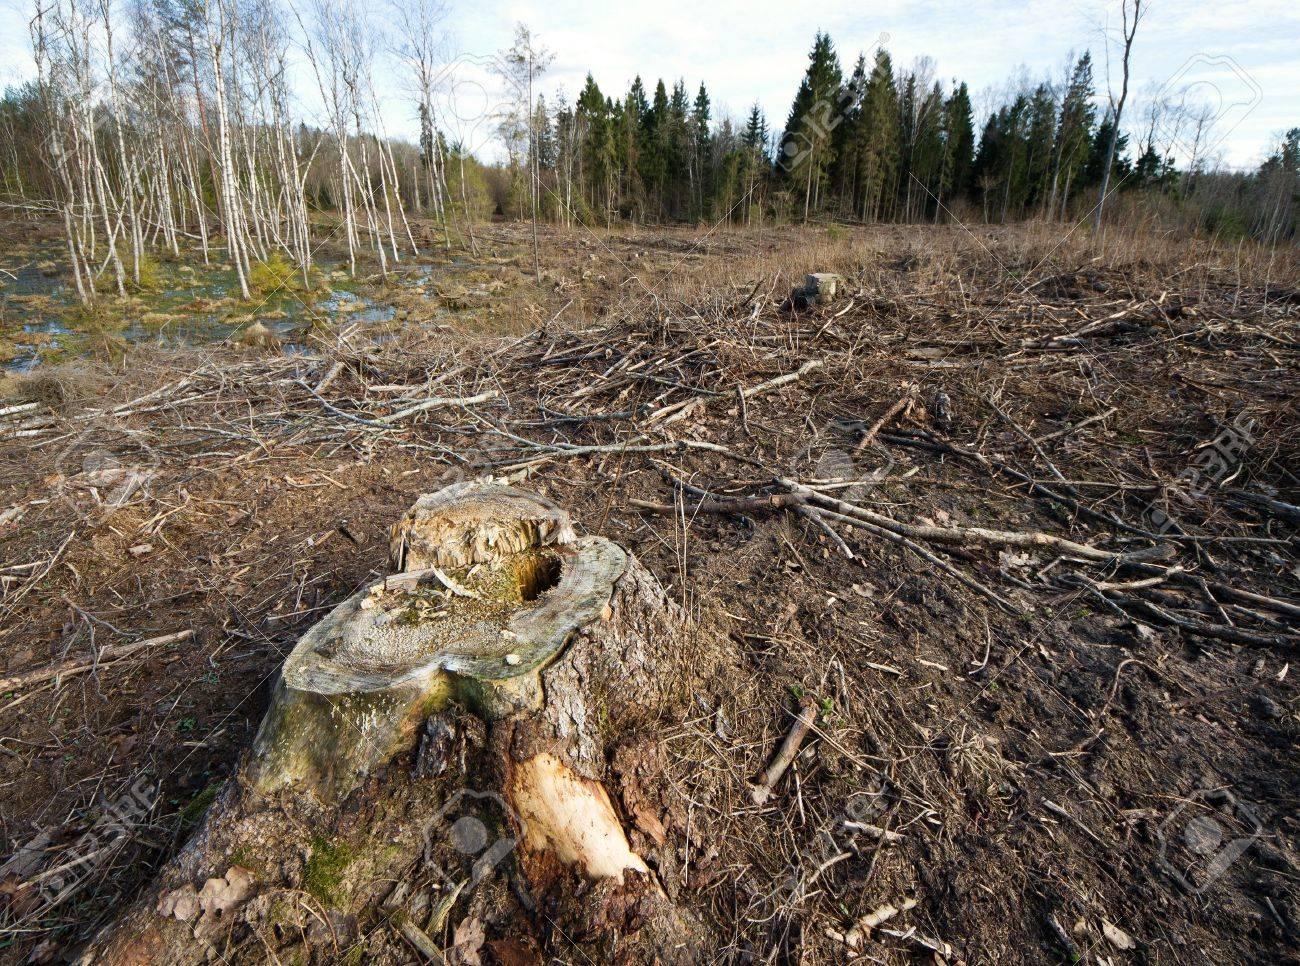 Bosque talado en el este de Europa, tiempo de primavera. Foto de archivo - 19508123